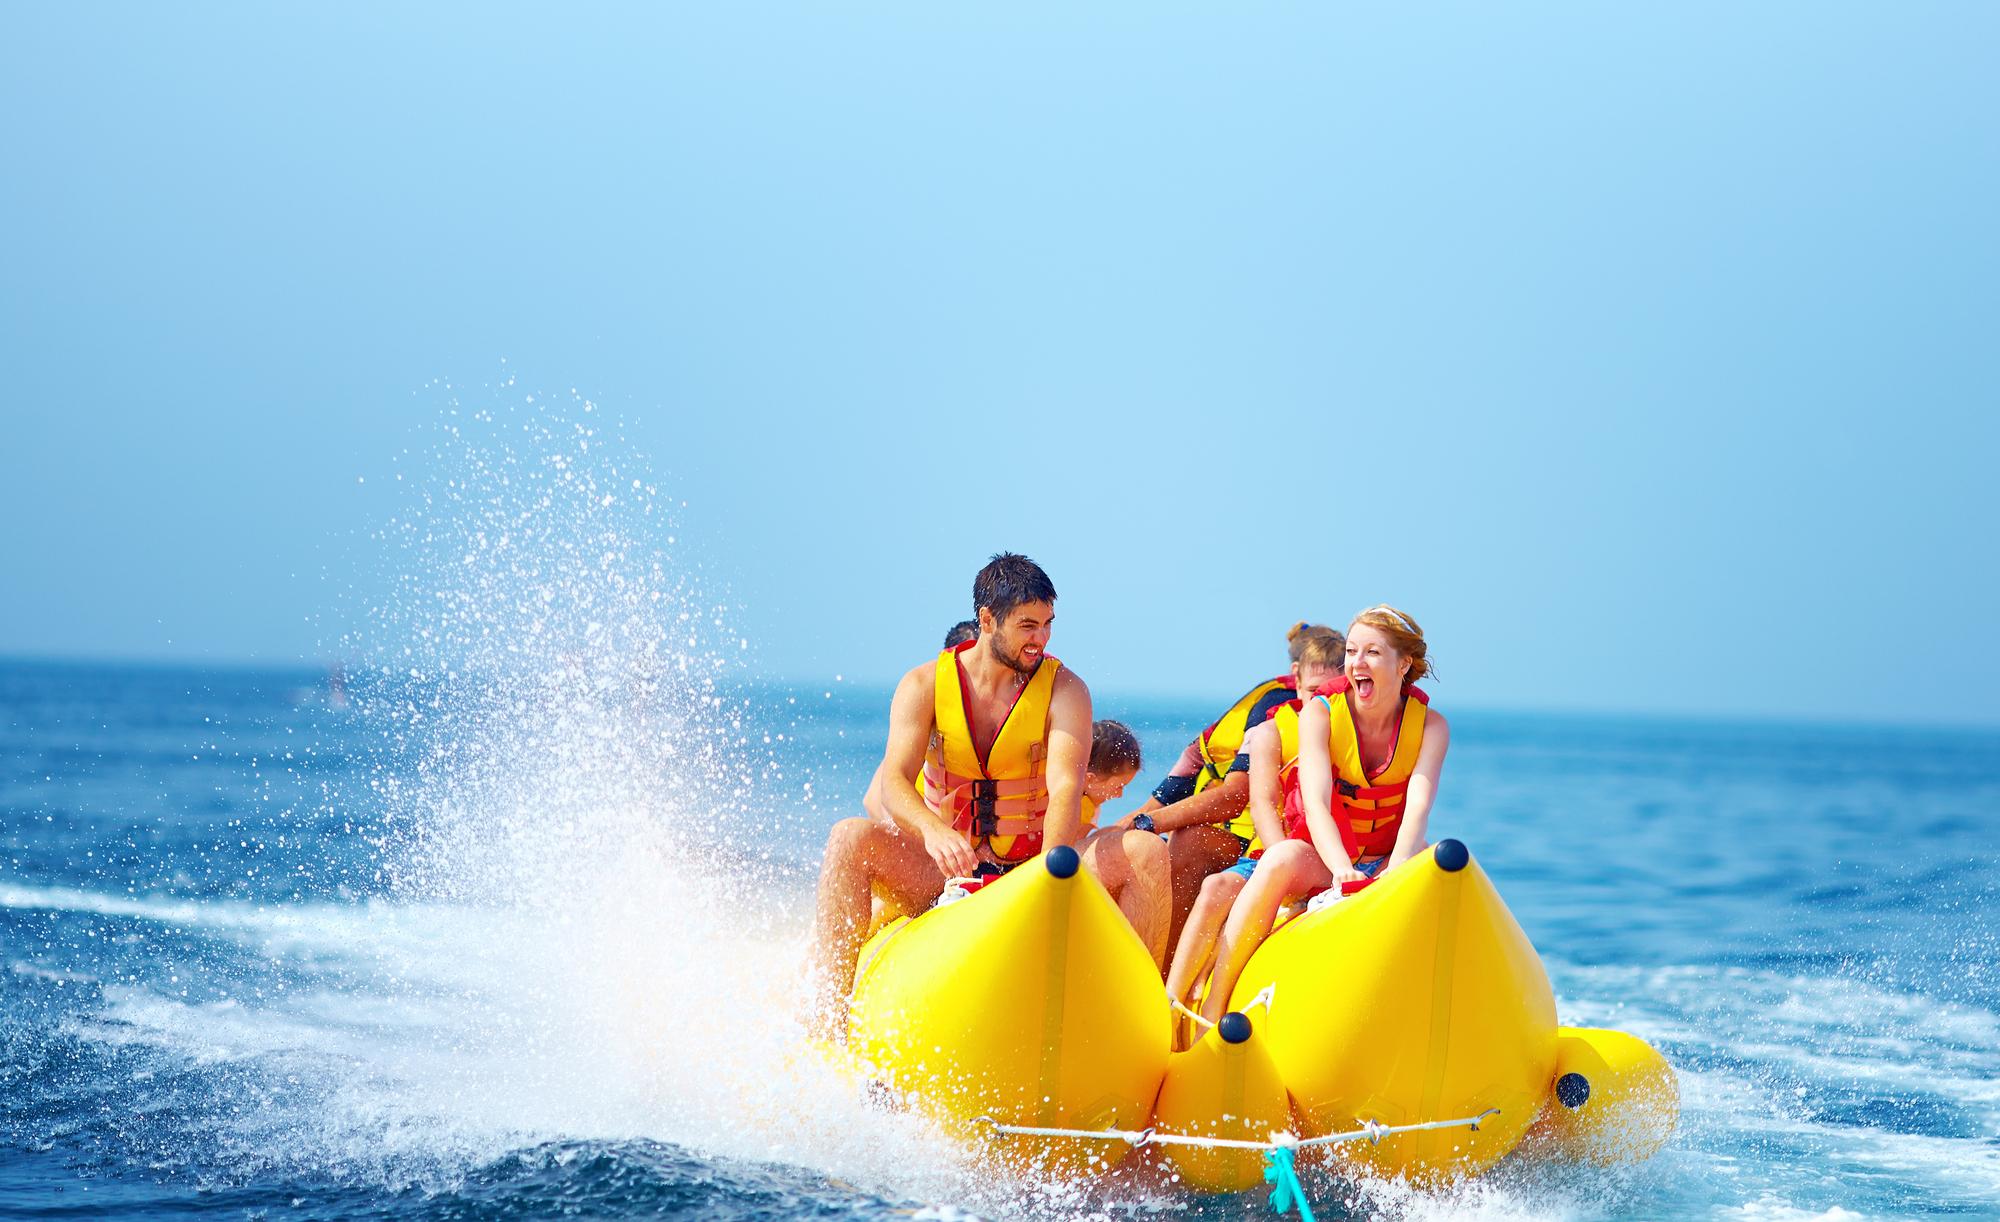 Banana Boat Ride in Boracay Island